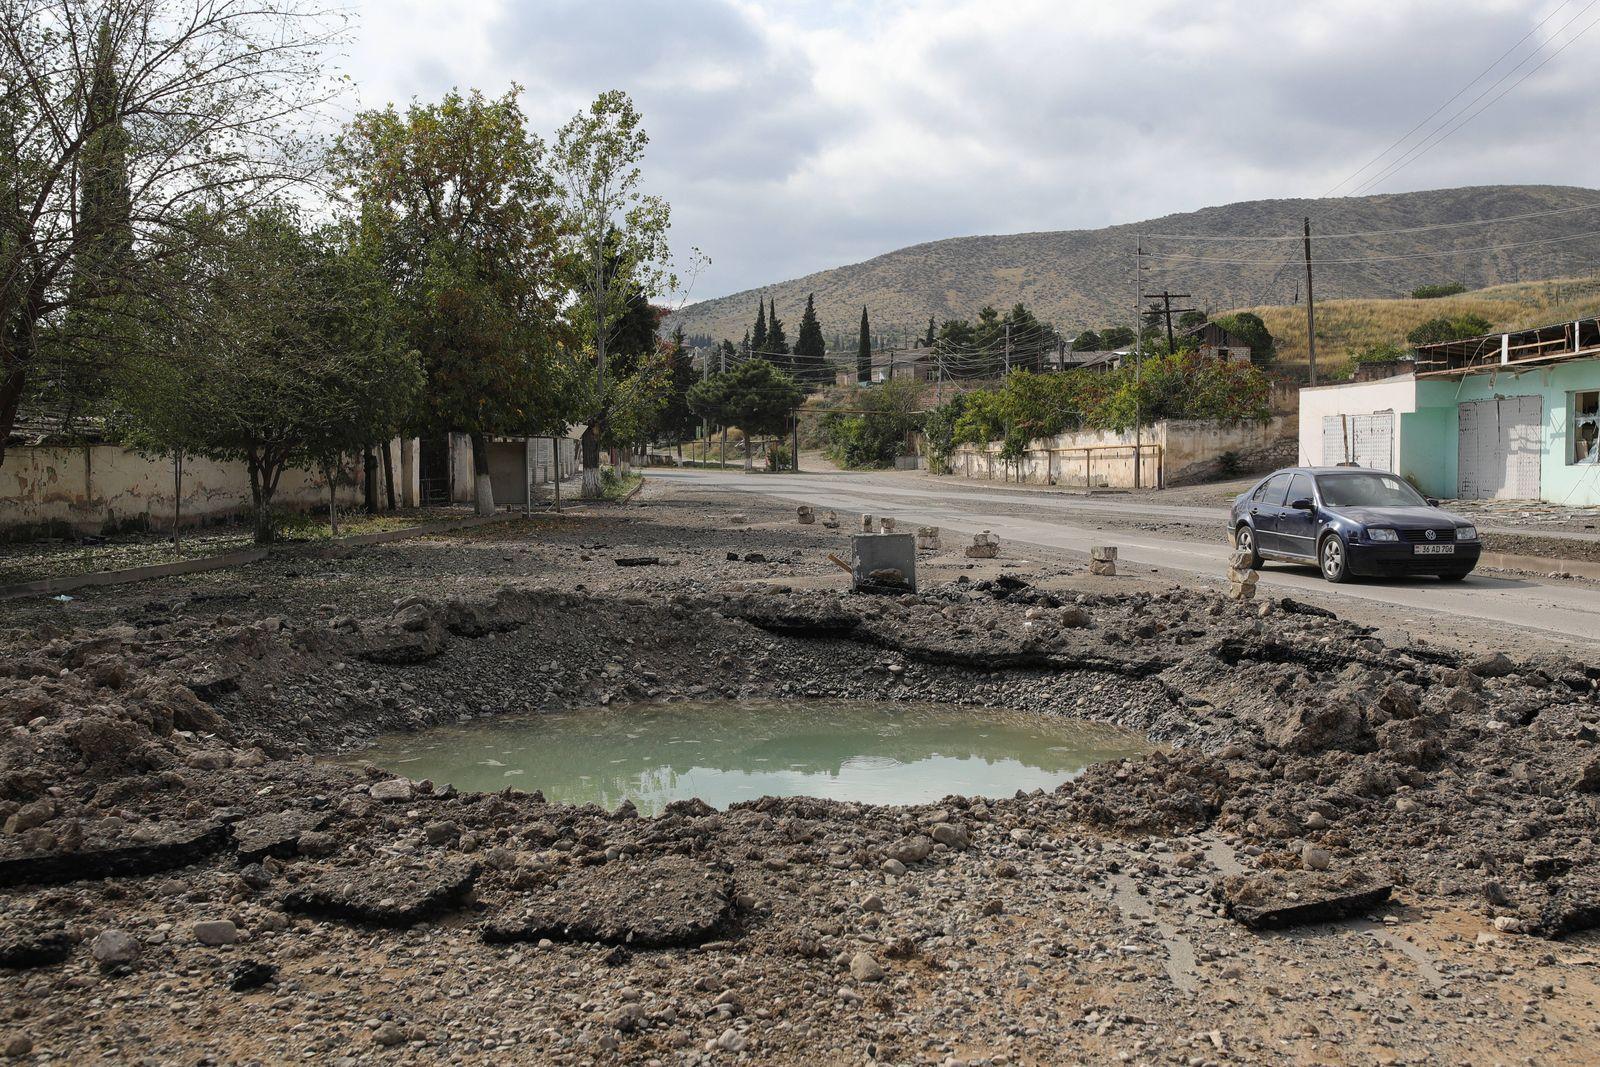 Bergkarabach, Kämpfe in der von Armenien und Aserbaidschan umstrittenen Region NAGORNO-KARABAKH - OCTOBER 2, 2020: A sh